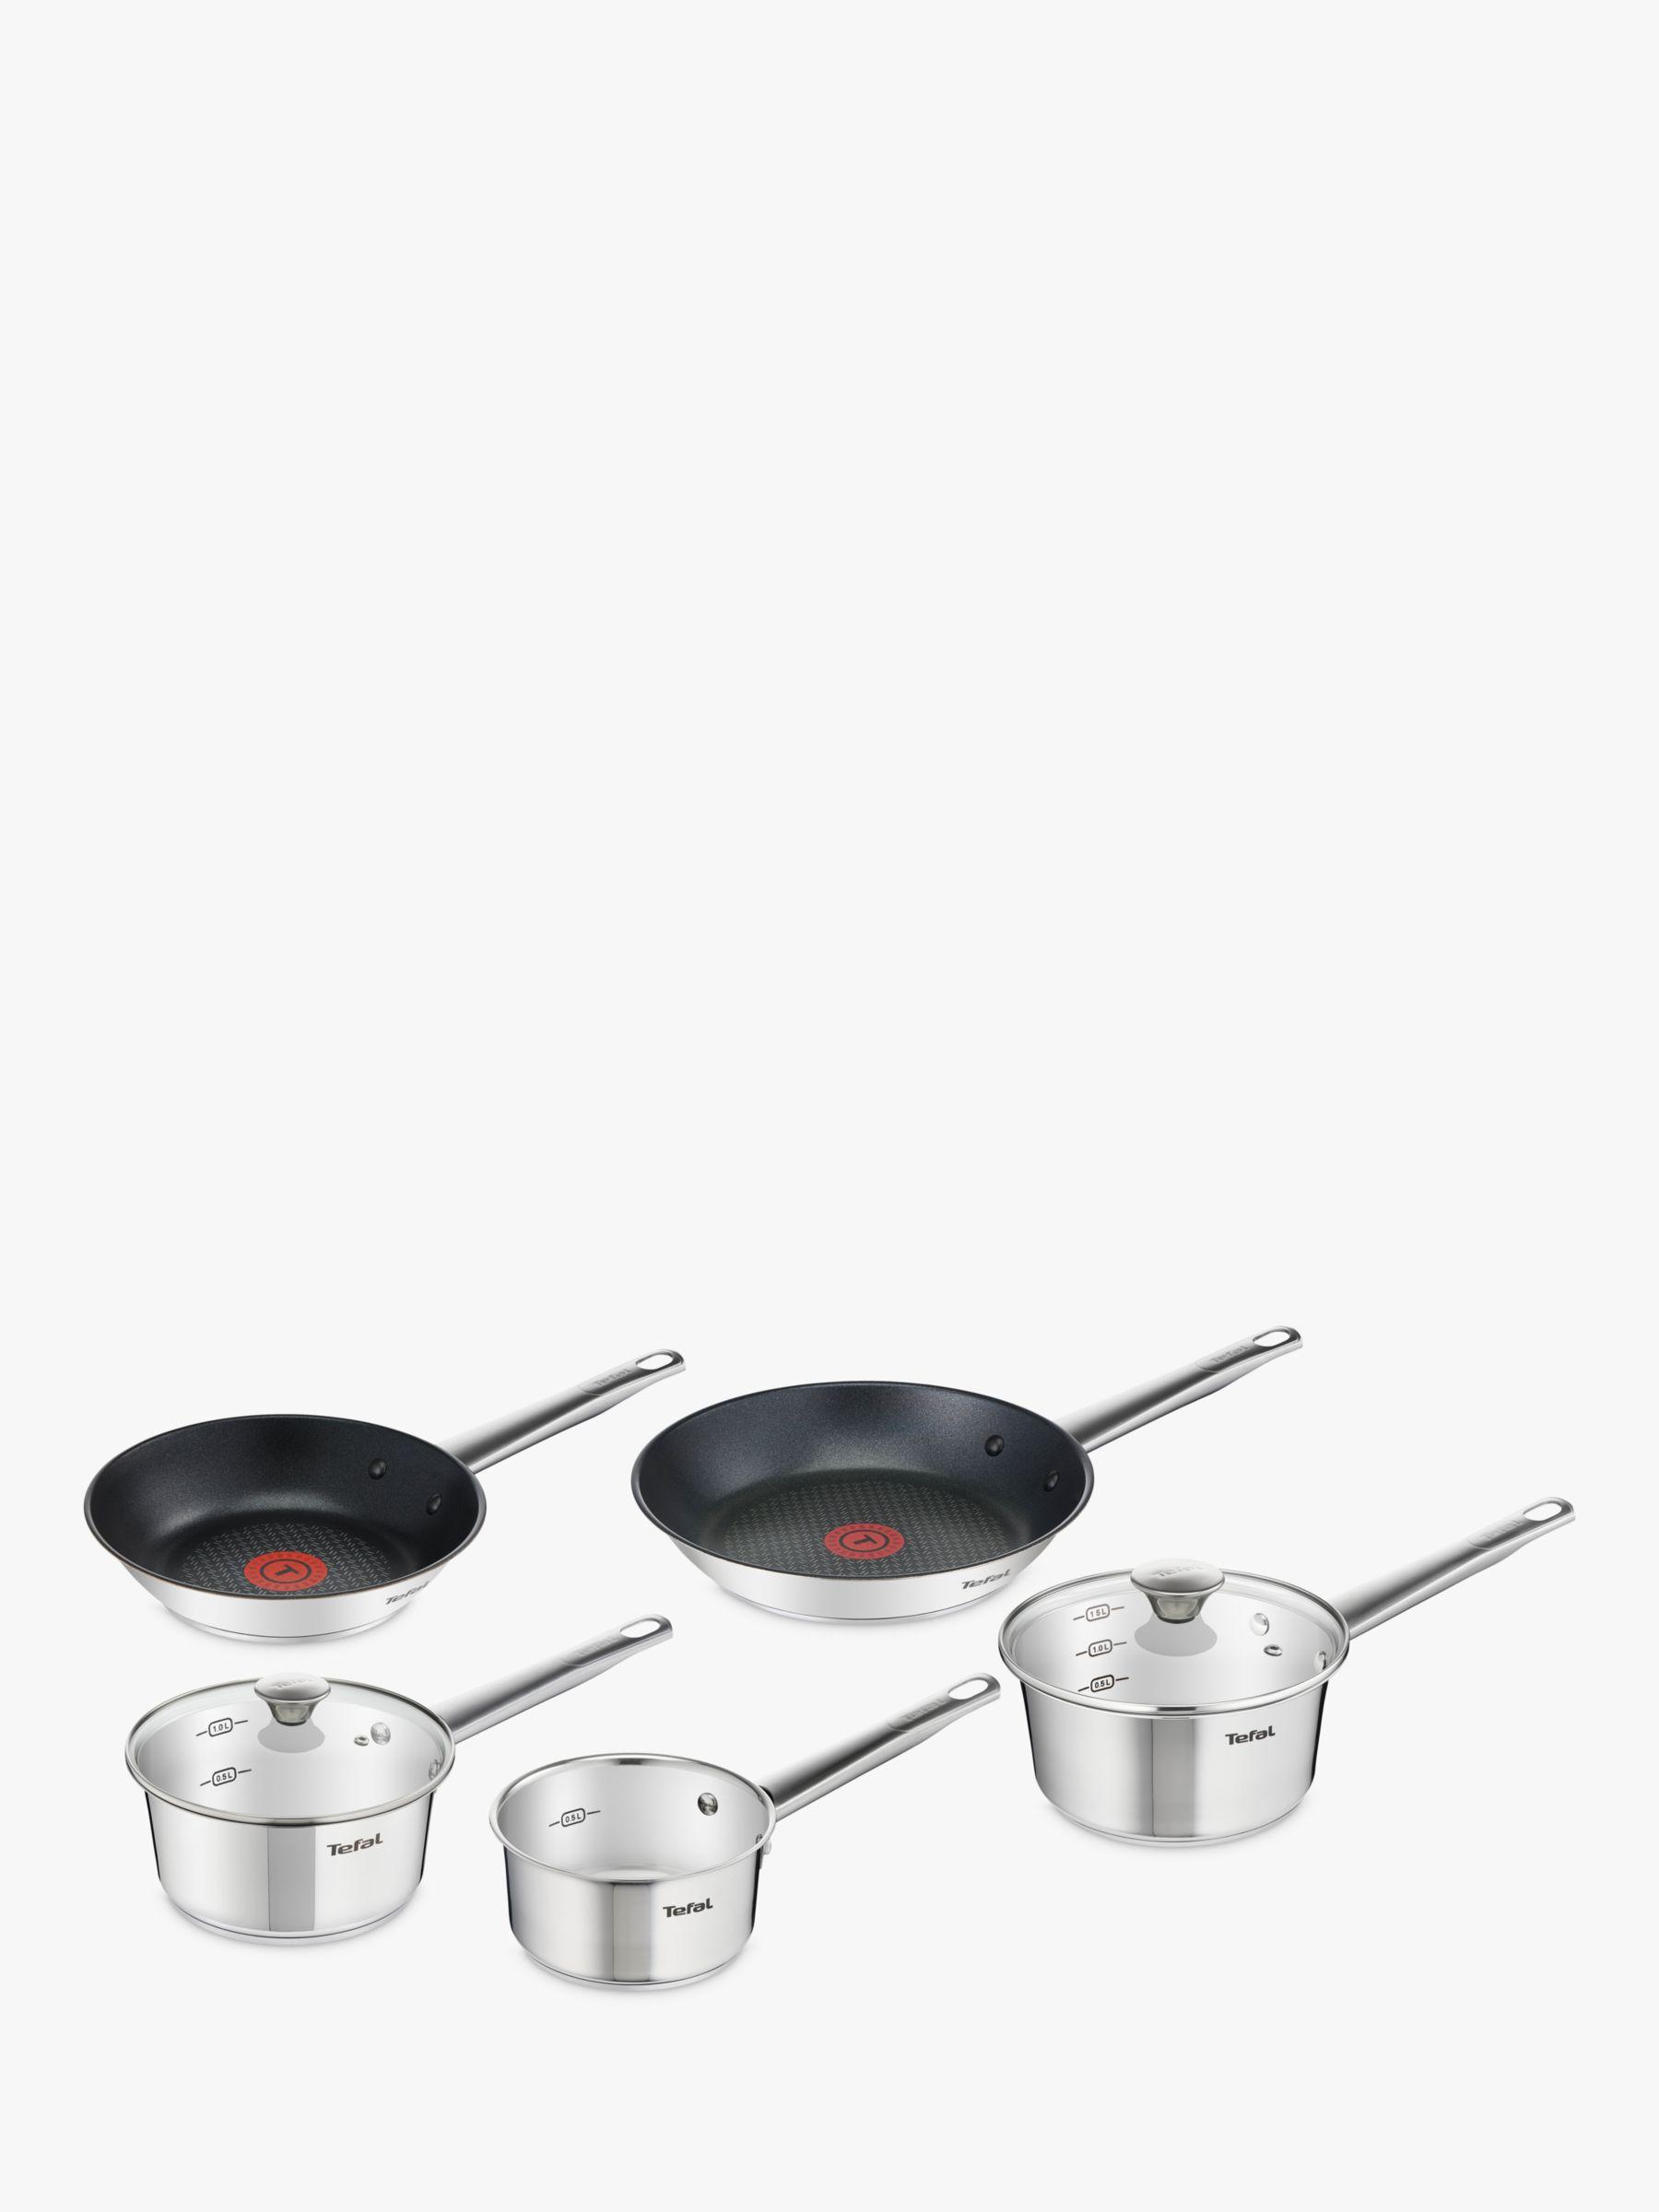 Tefal Tefal Simpleo Stainless Steel Frying Pan & Saucepan Set, 5 Piece